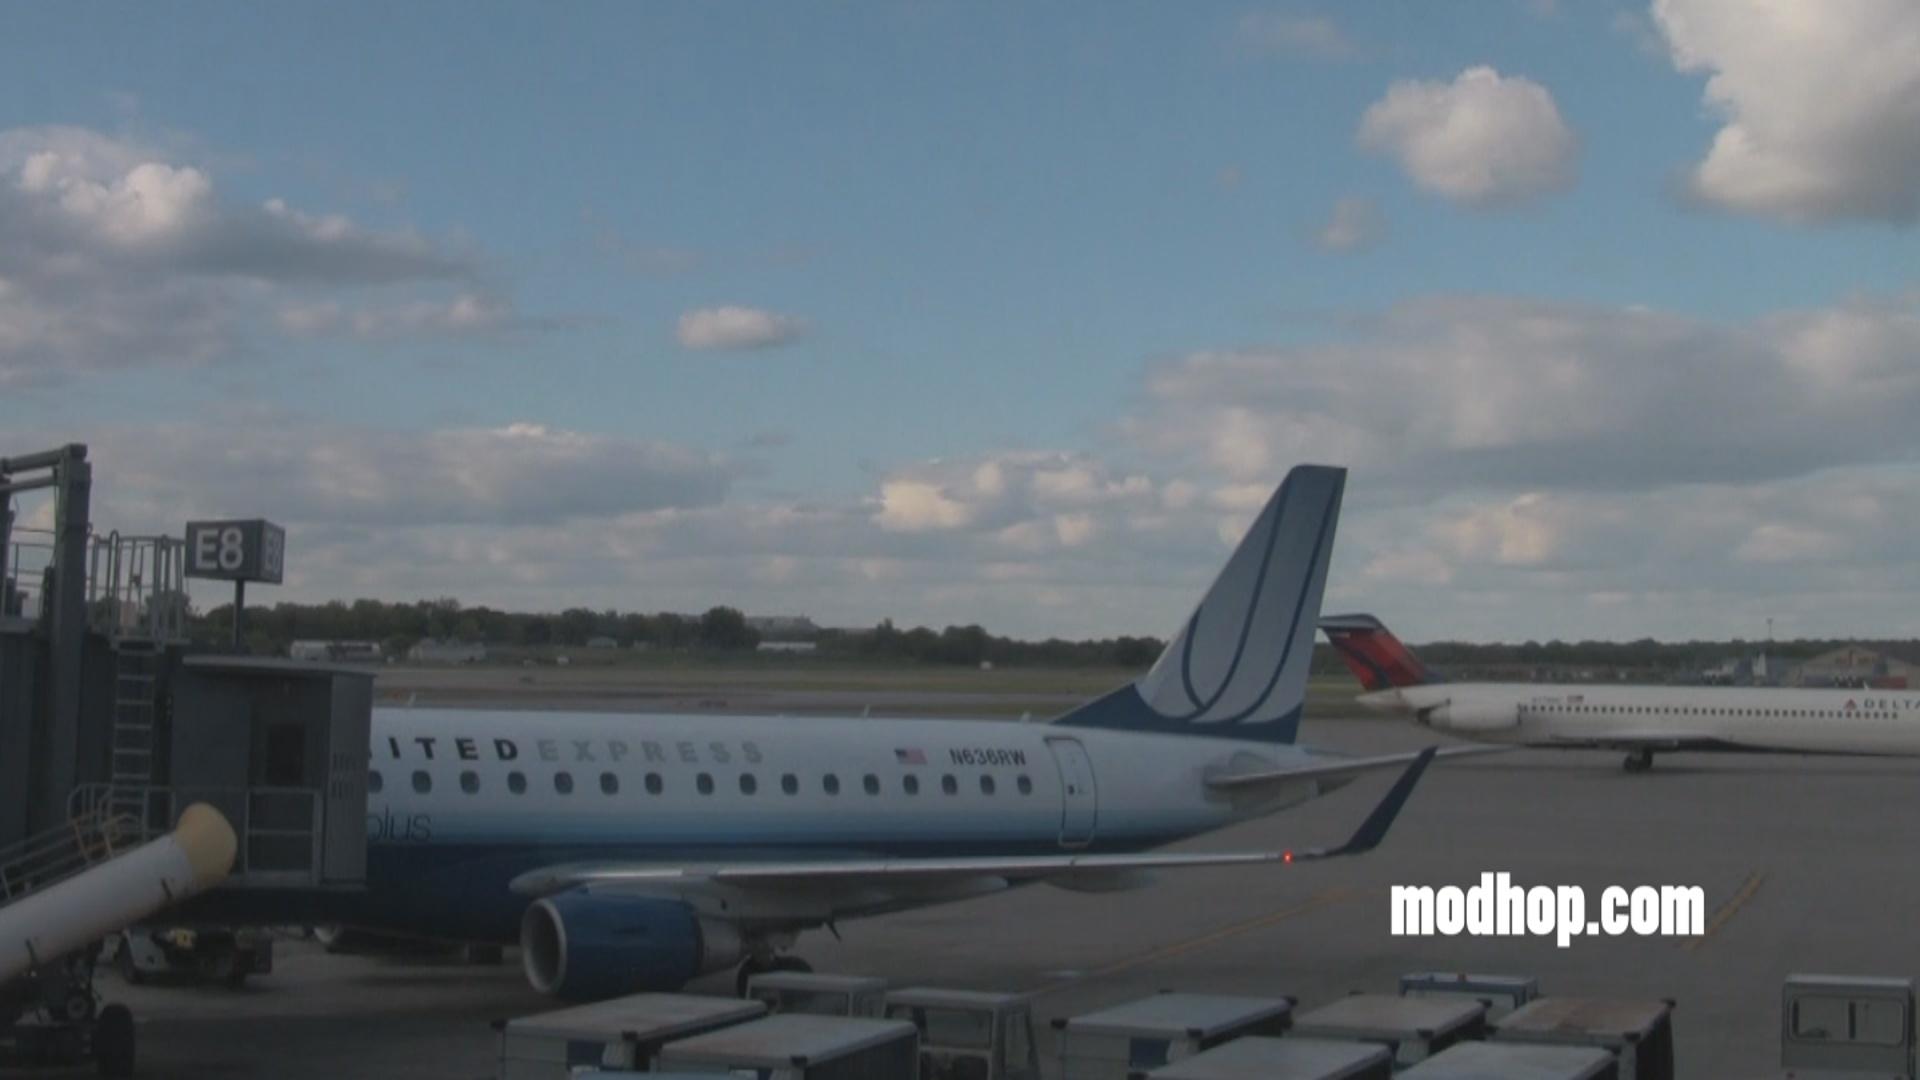 United Express flight boarding at MSP